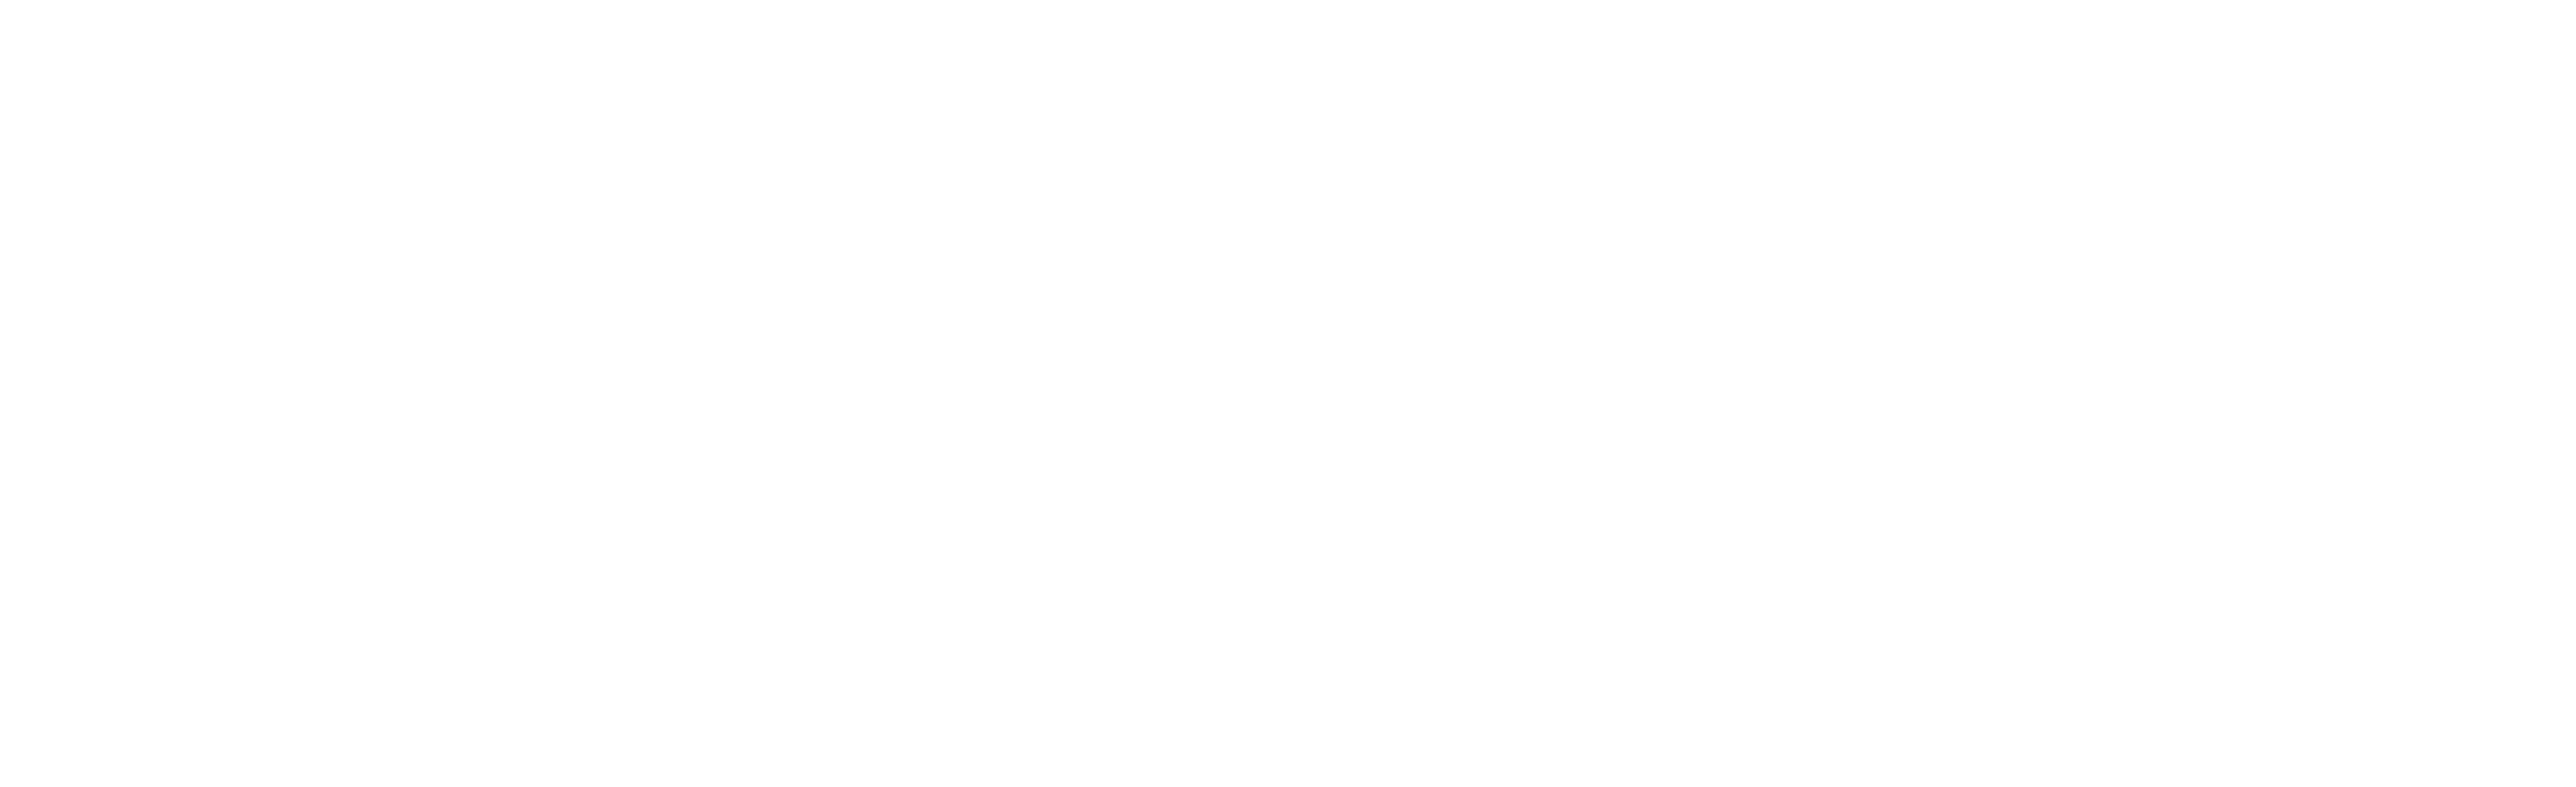 Aviva Darab